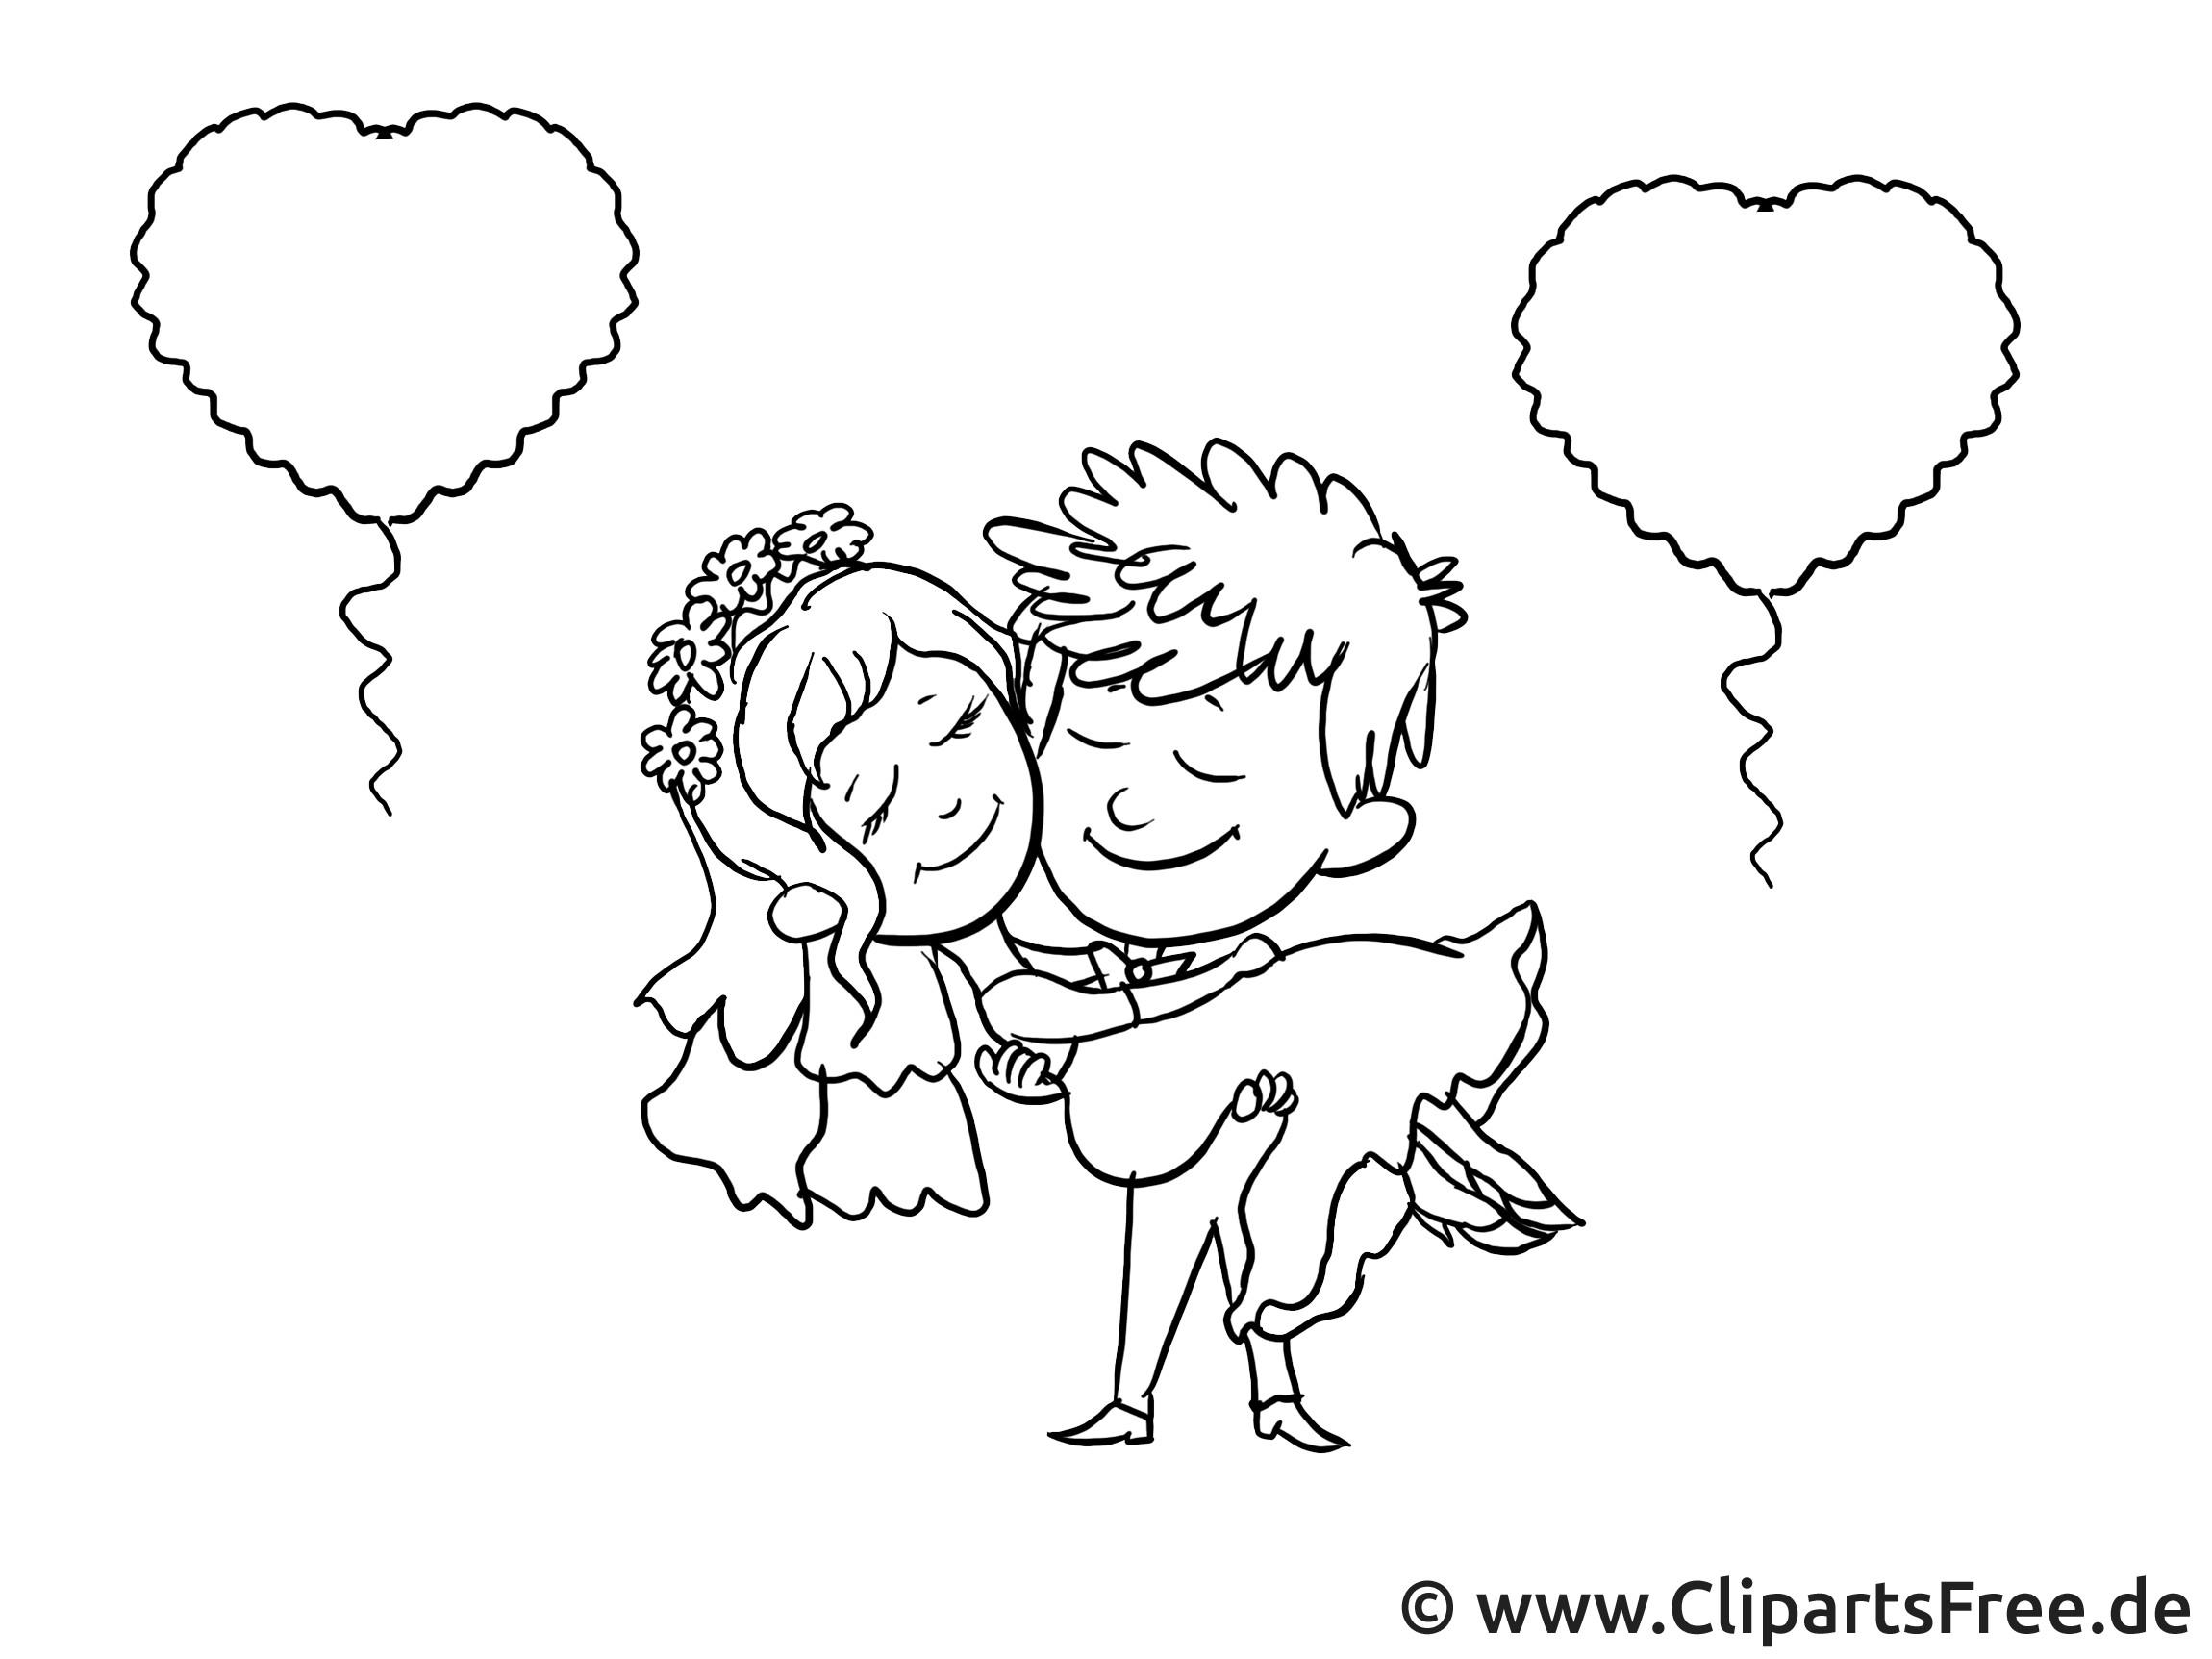 Clipart Hochzeit Schwarz Weiß  Hochzeit Bild Grafik Clipart schwarz weiss